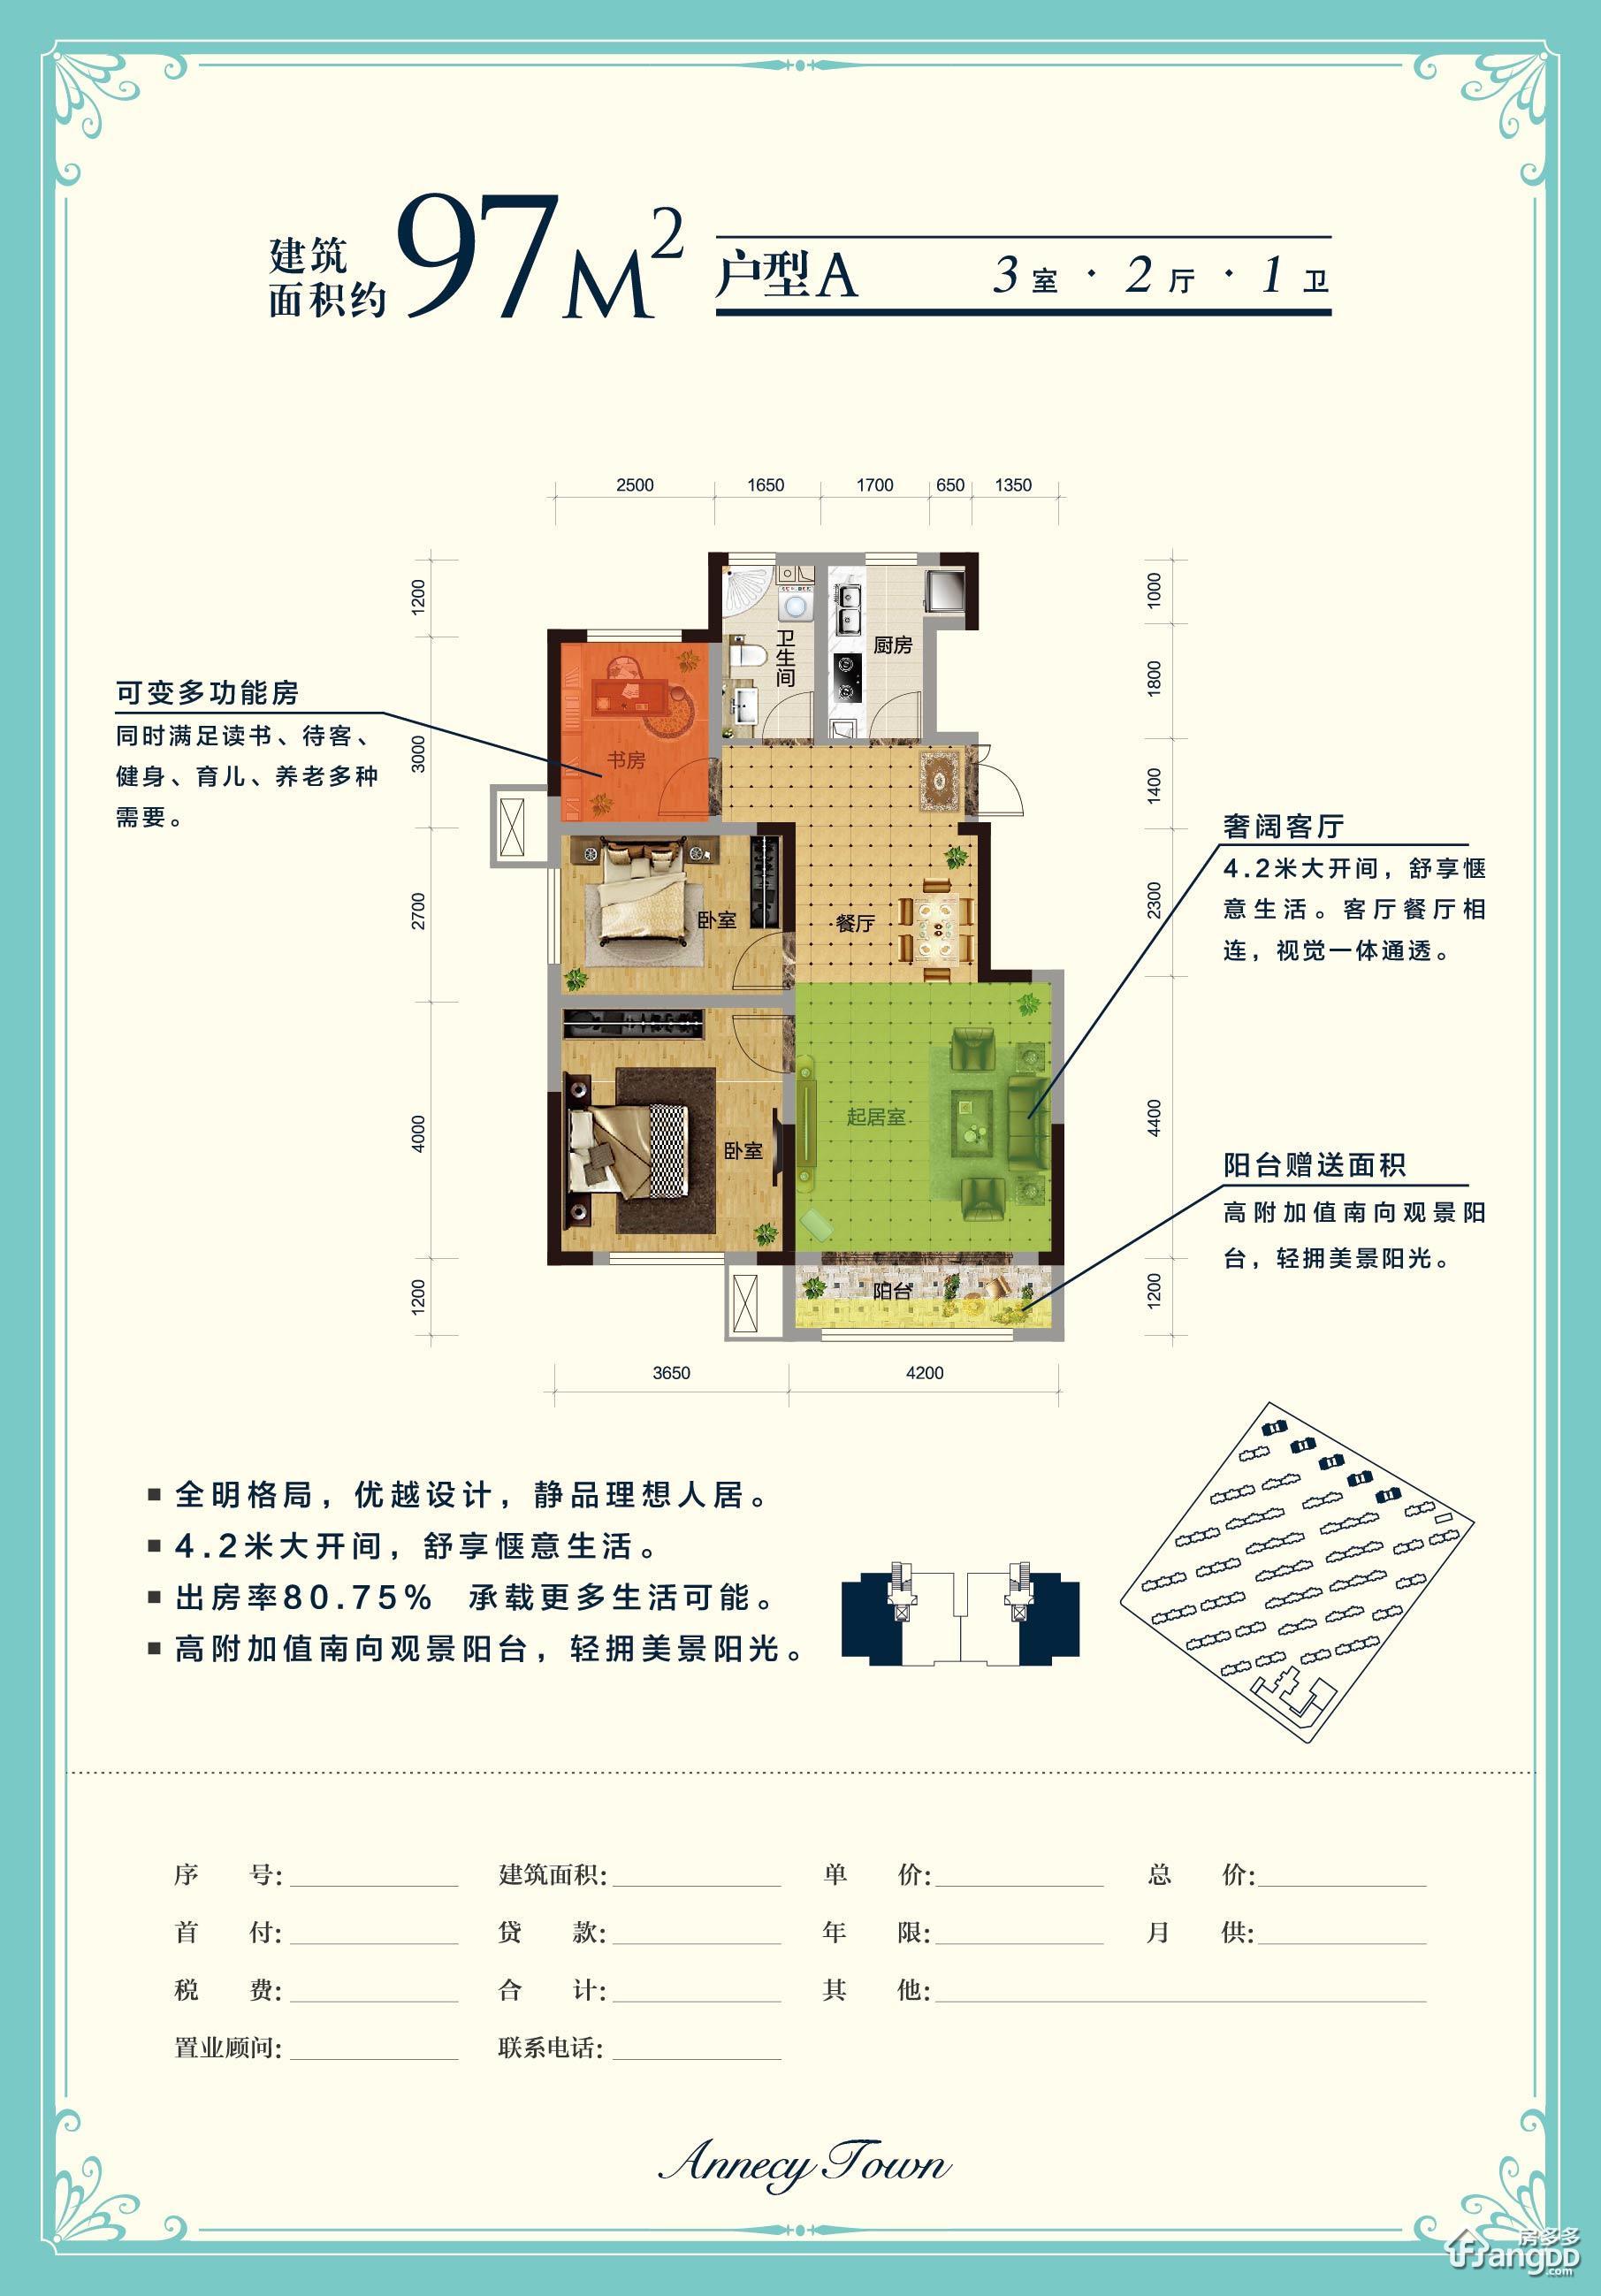 中昂安纳西小镇3室2厅1卫户型图